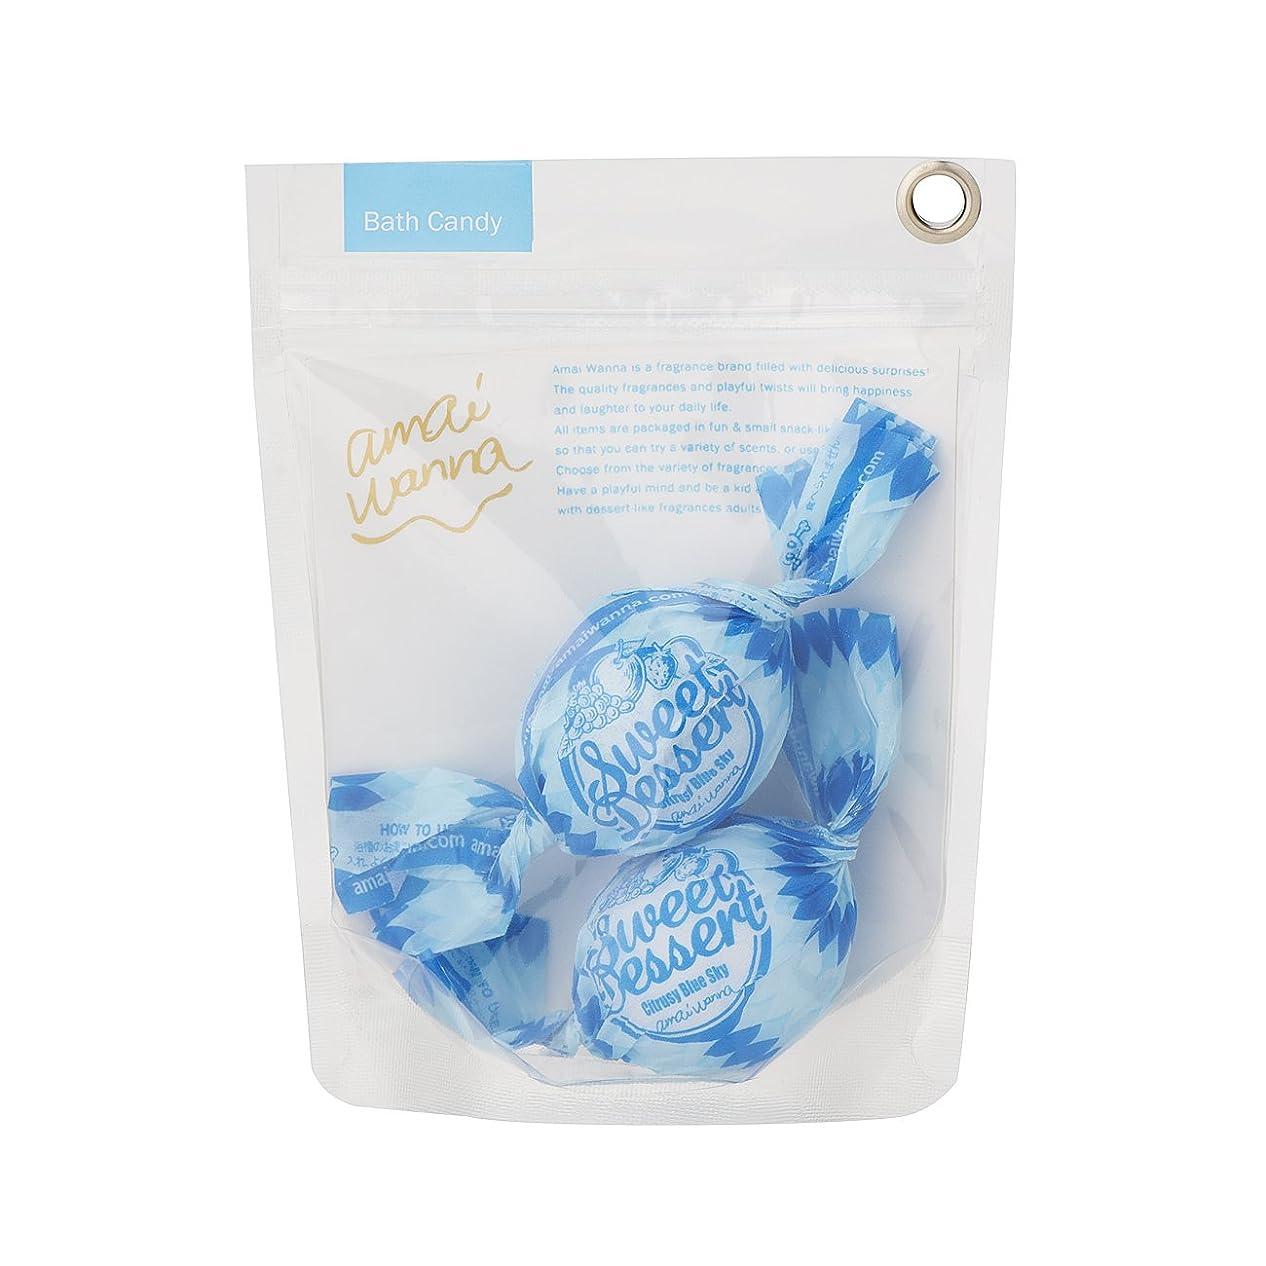 修正分注する狼アマイワナ バスキャンディーバッグ 青空シトラス 35g×2(発泡タイプ入浴料 2回分 おおらかで凛としたシトラスの香り)